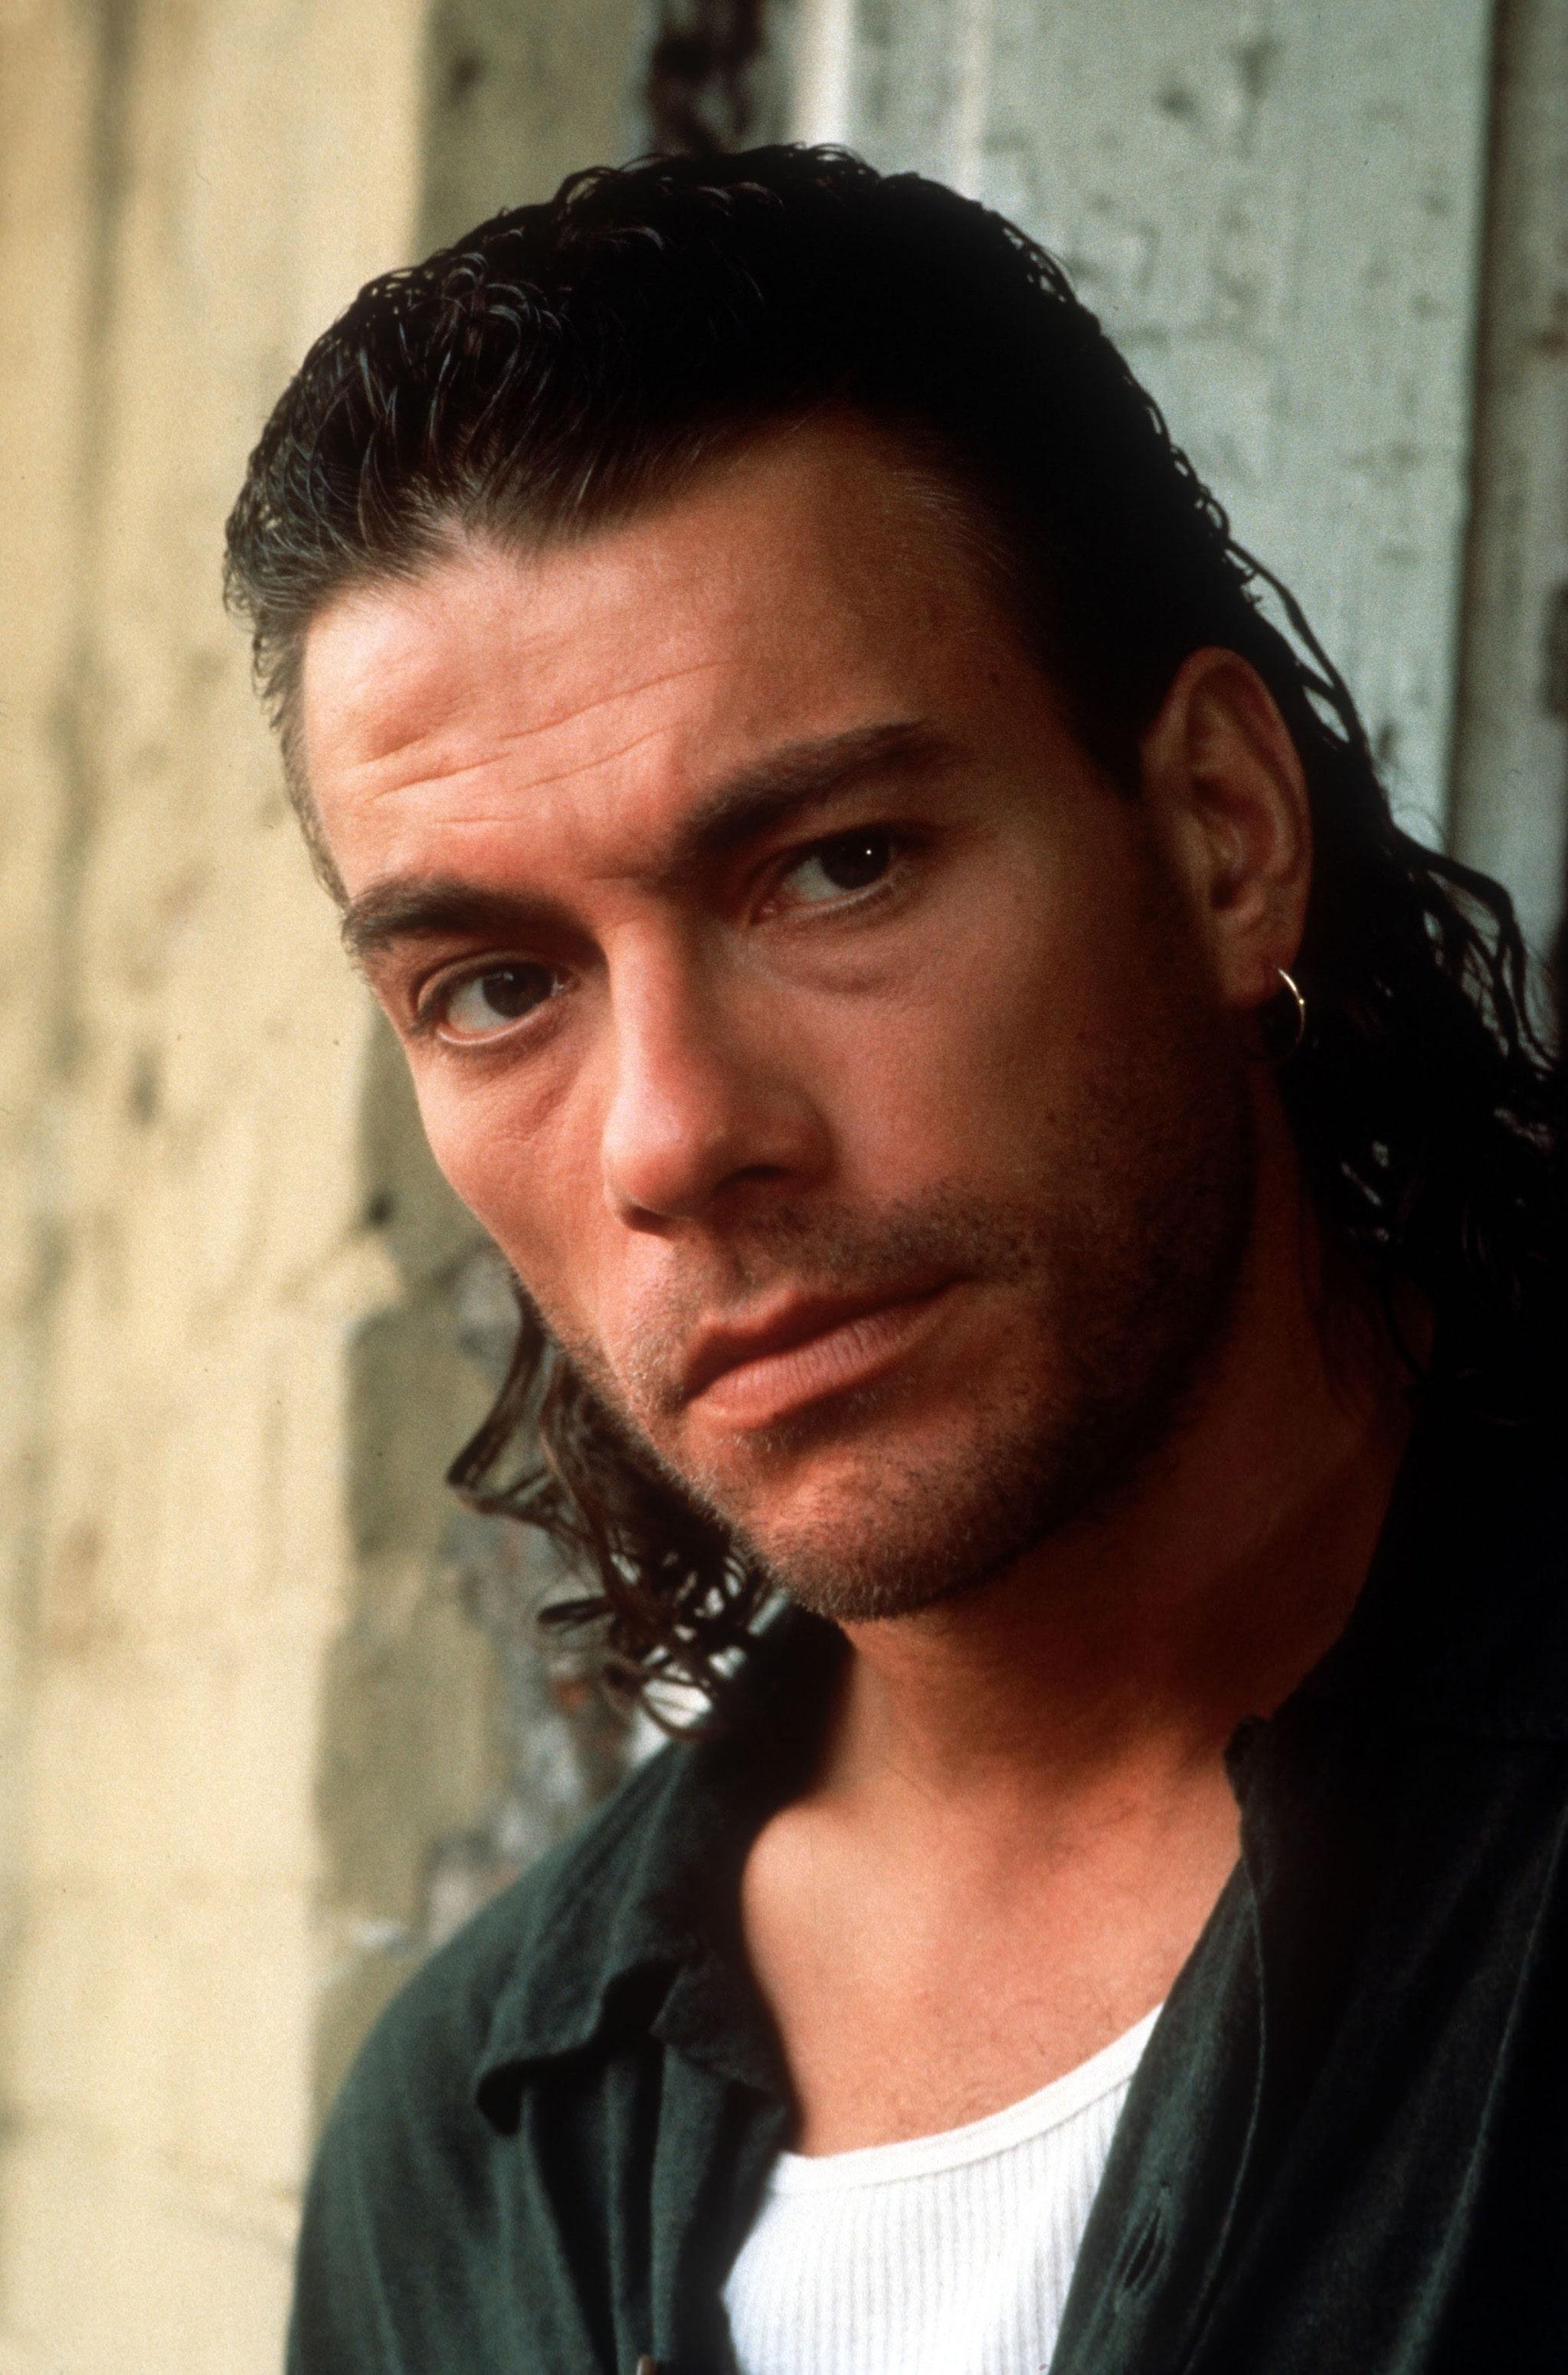 Jean Claude Van Damme For mobile